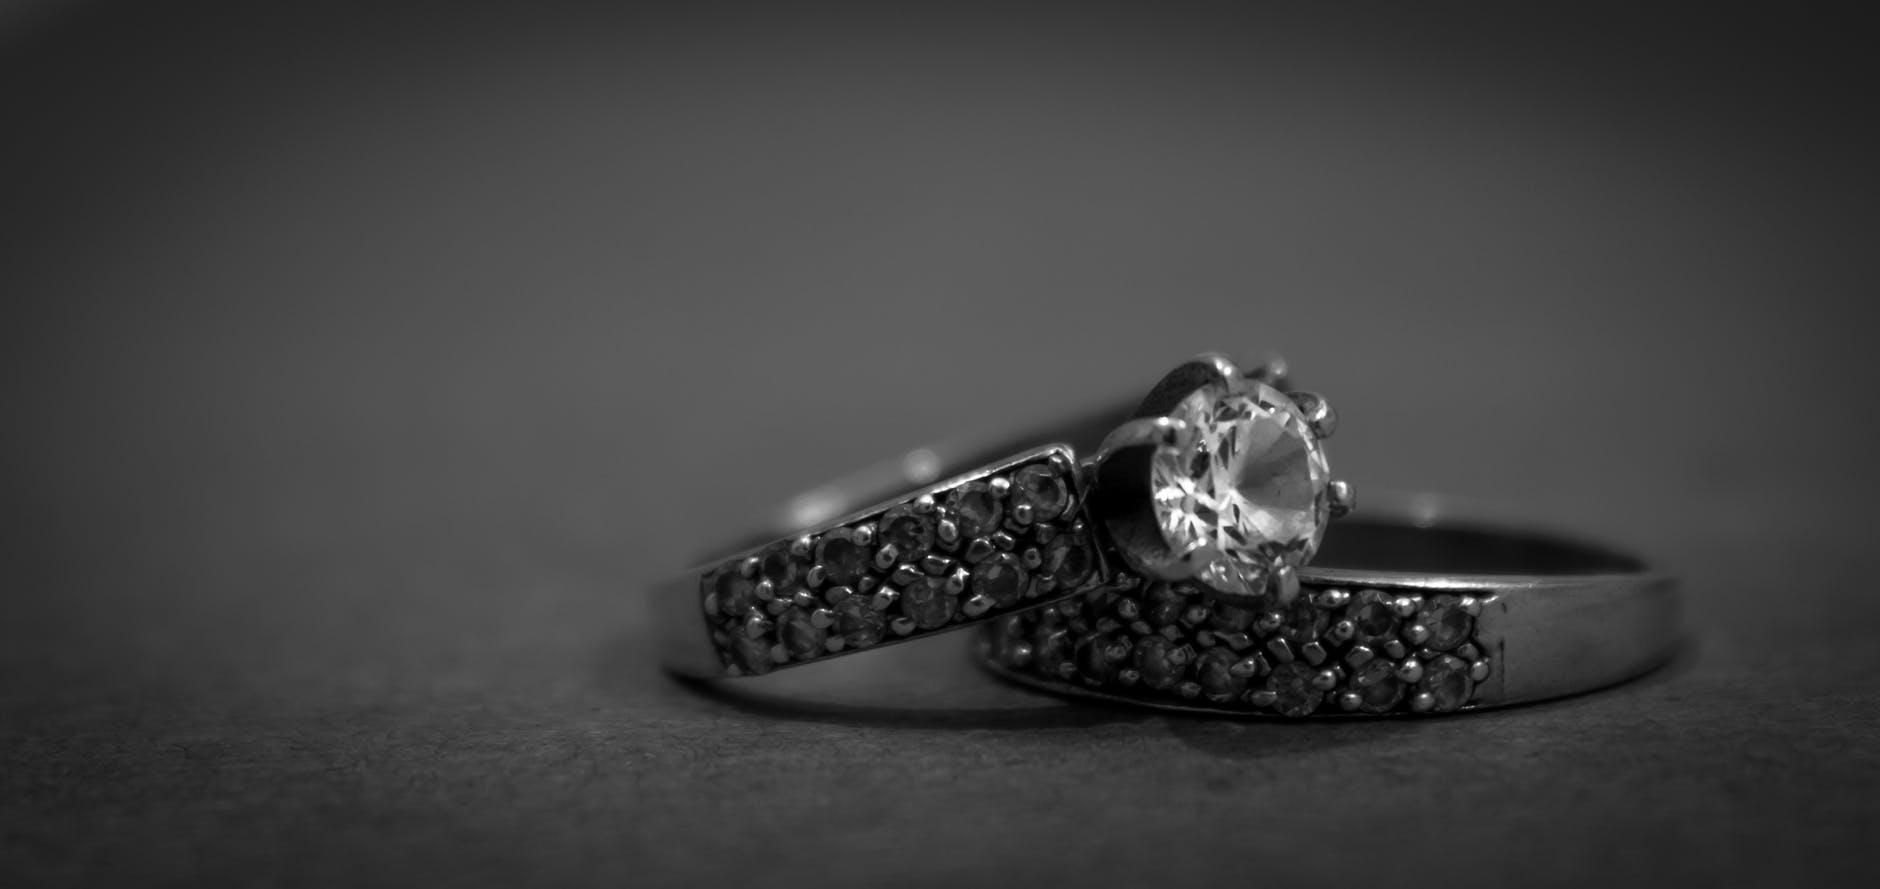 Pasos para elegir el anillo de compromiso - Joyería Montón